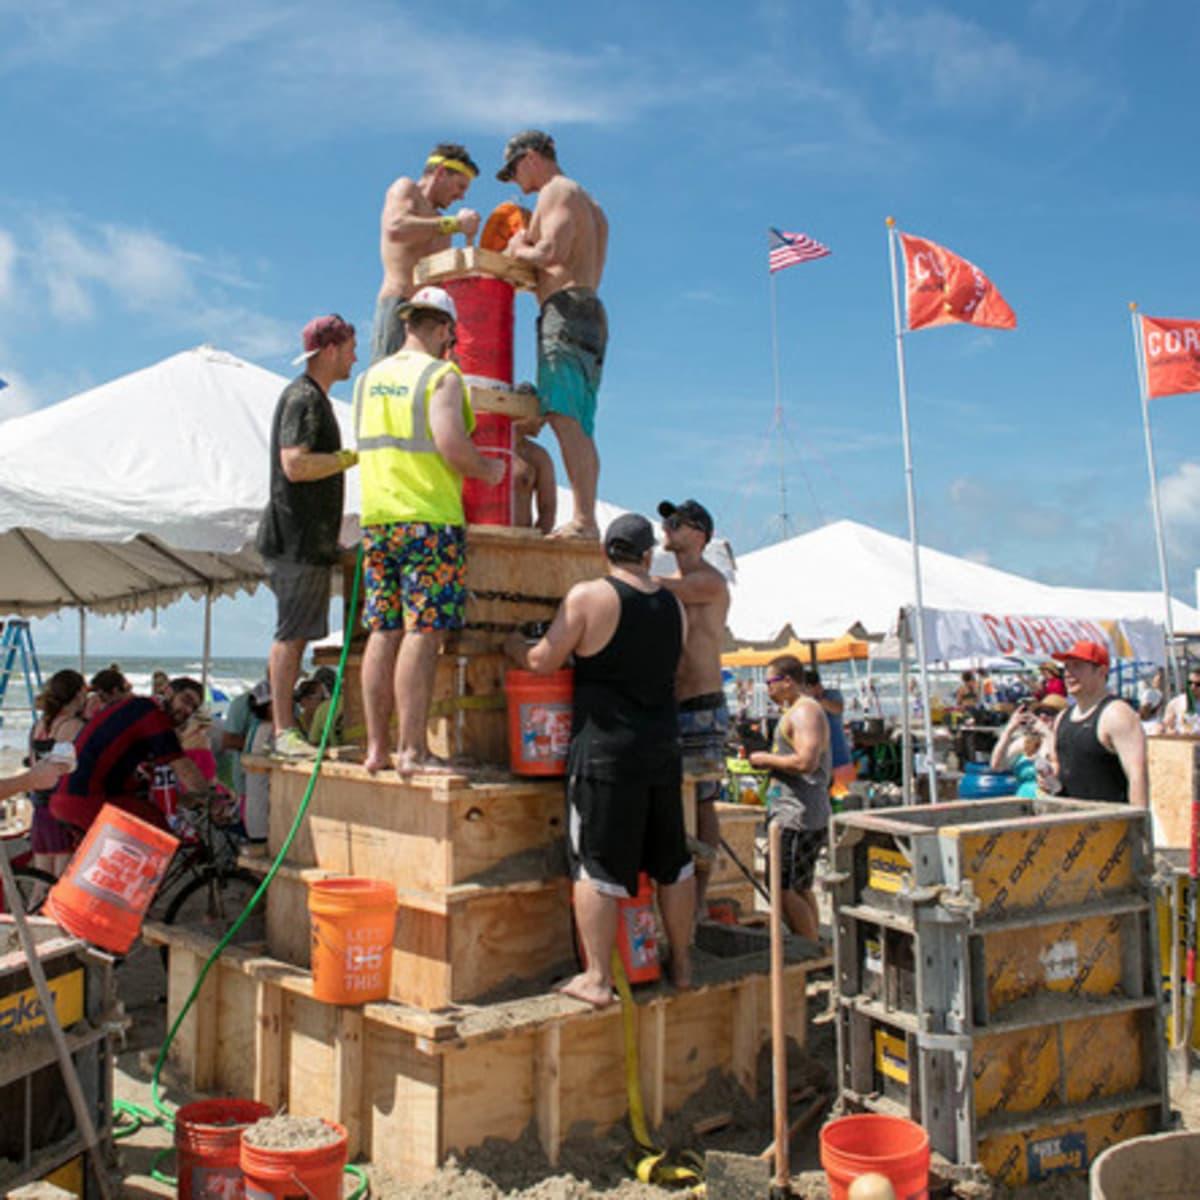 Houston, Houzz series, June 2017, Sandcastle contest, teams building sand castles